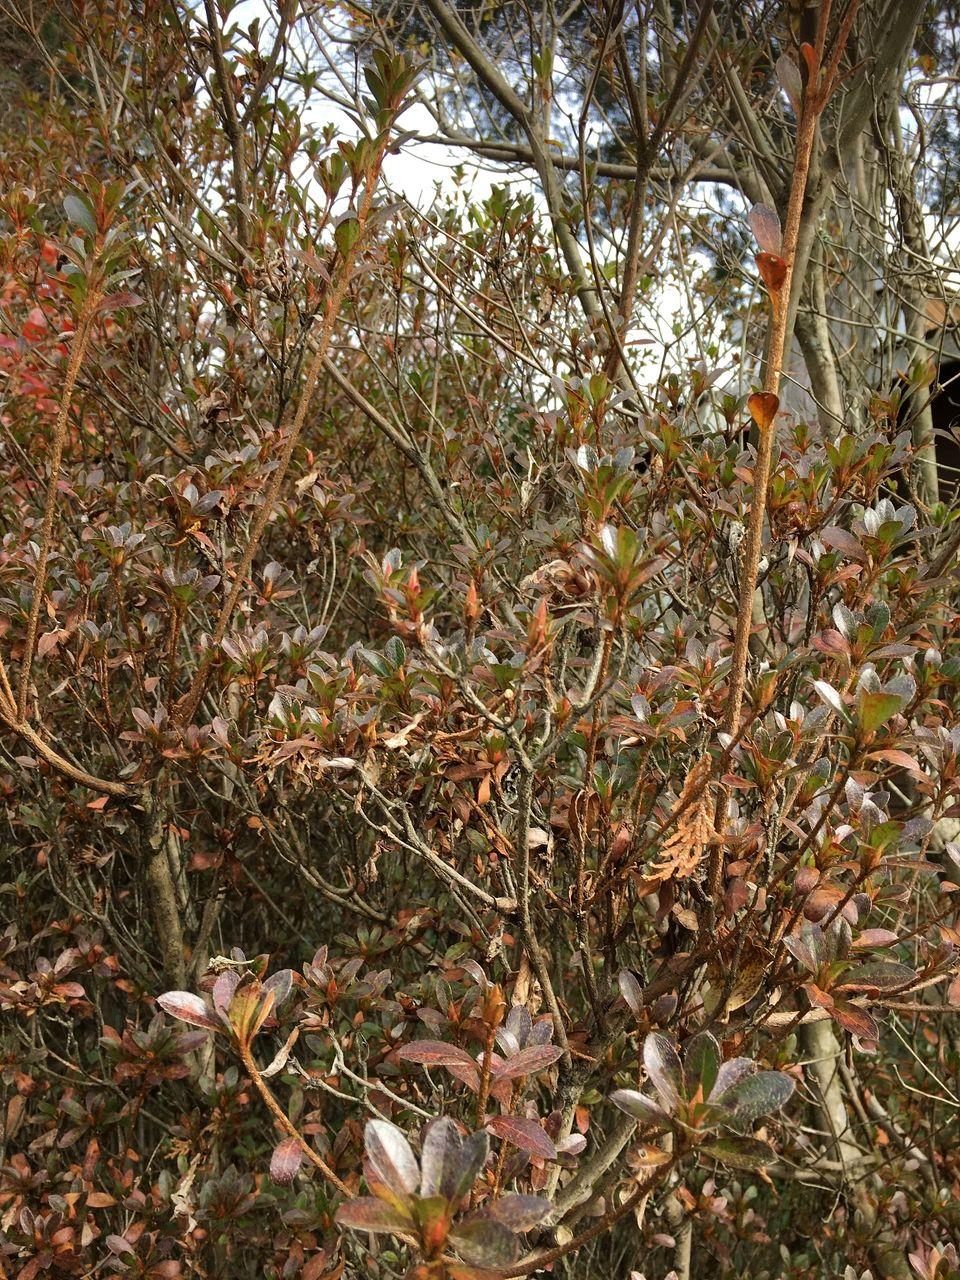 冬のきびしさの中に来春の蕾を抱く躑躅の木々